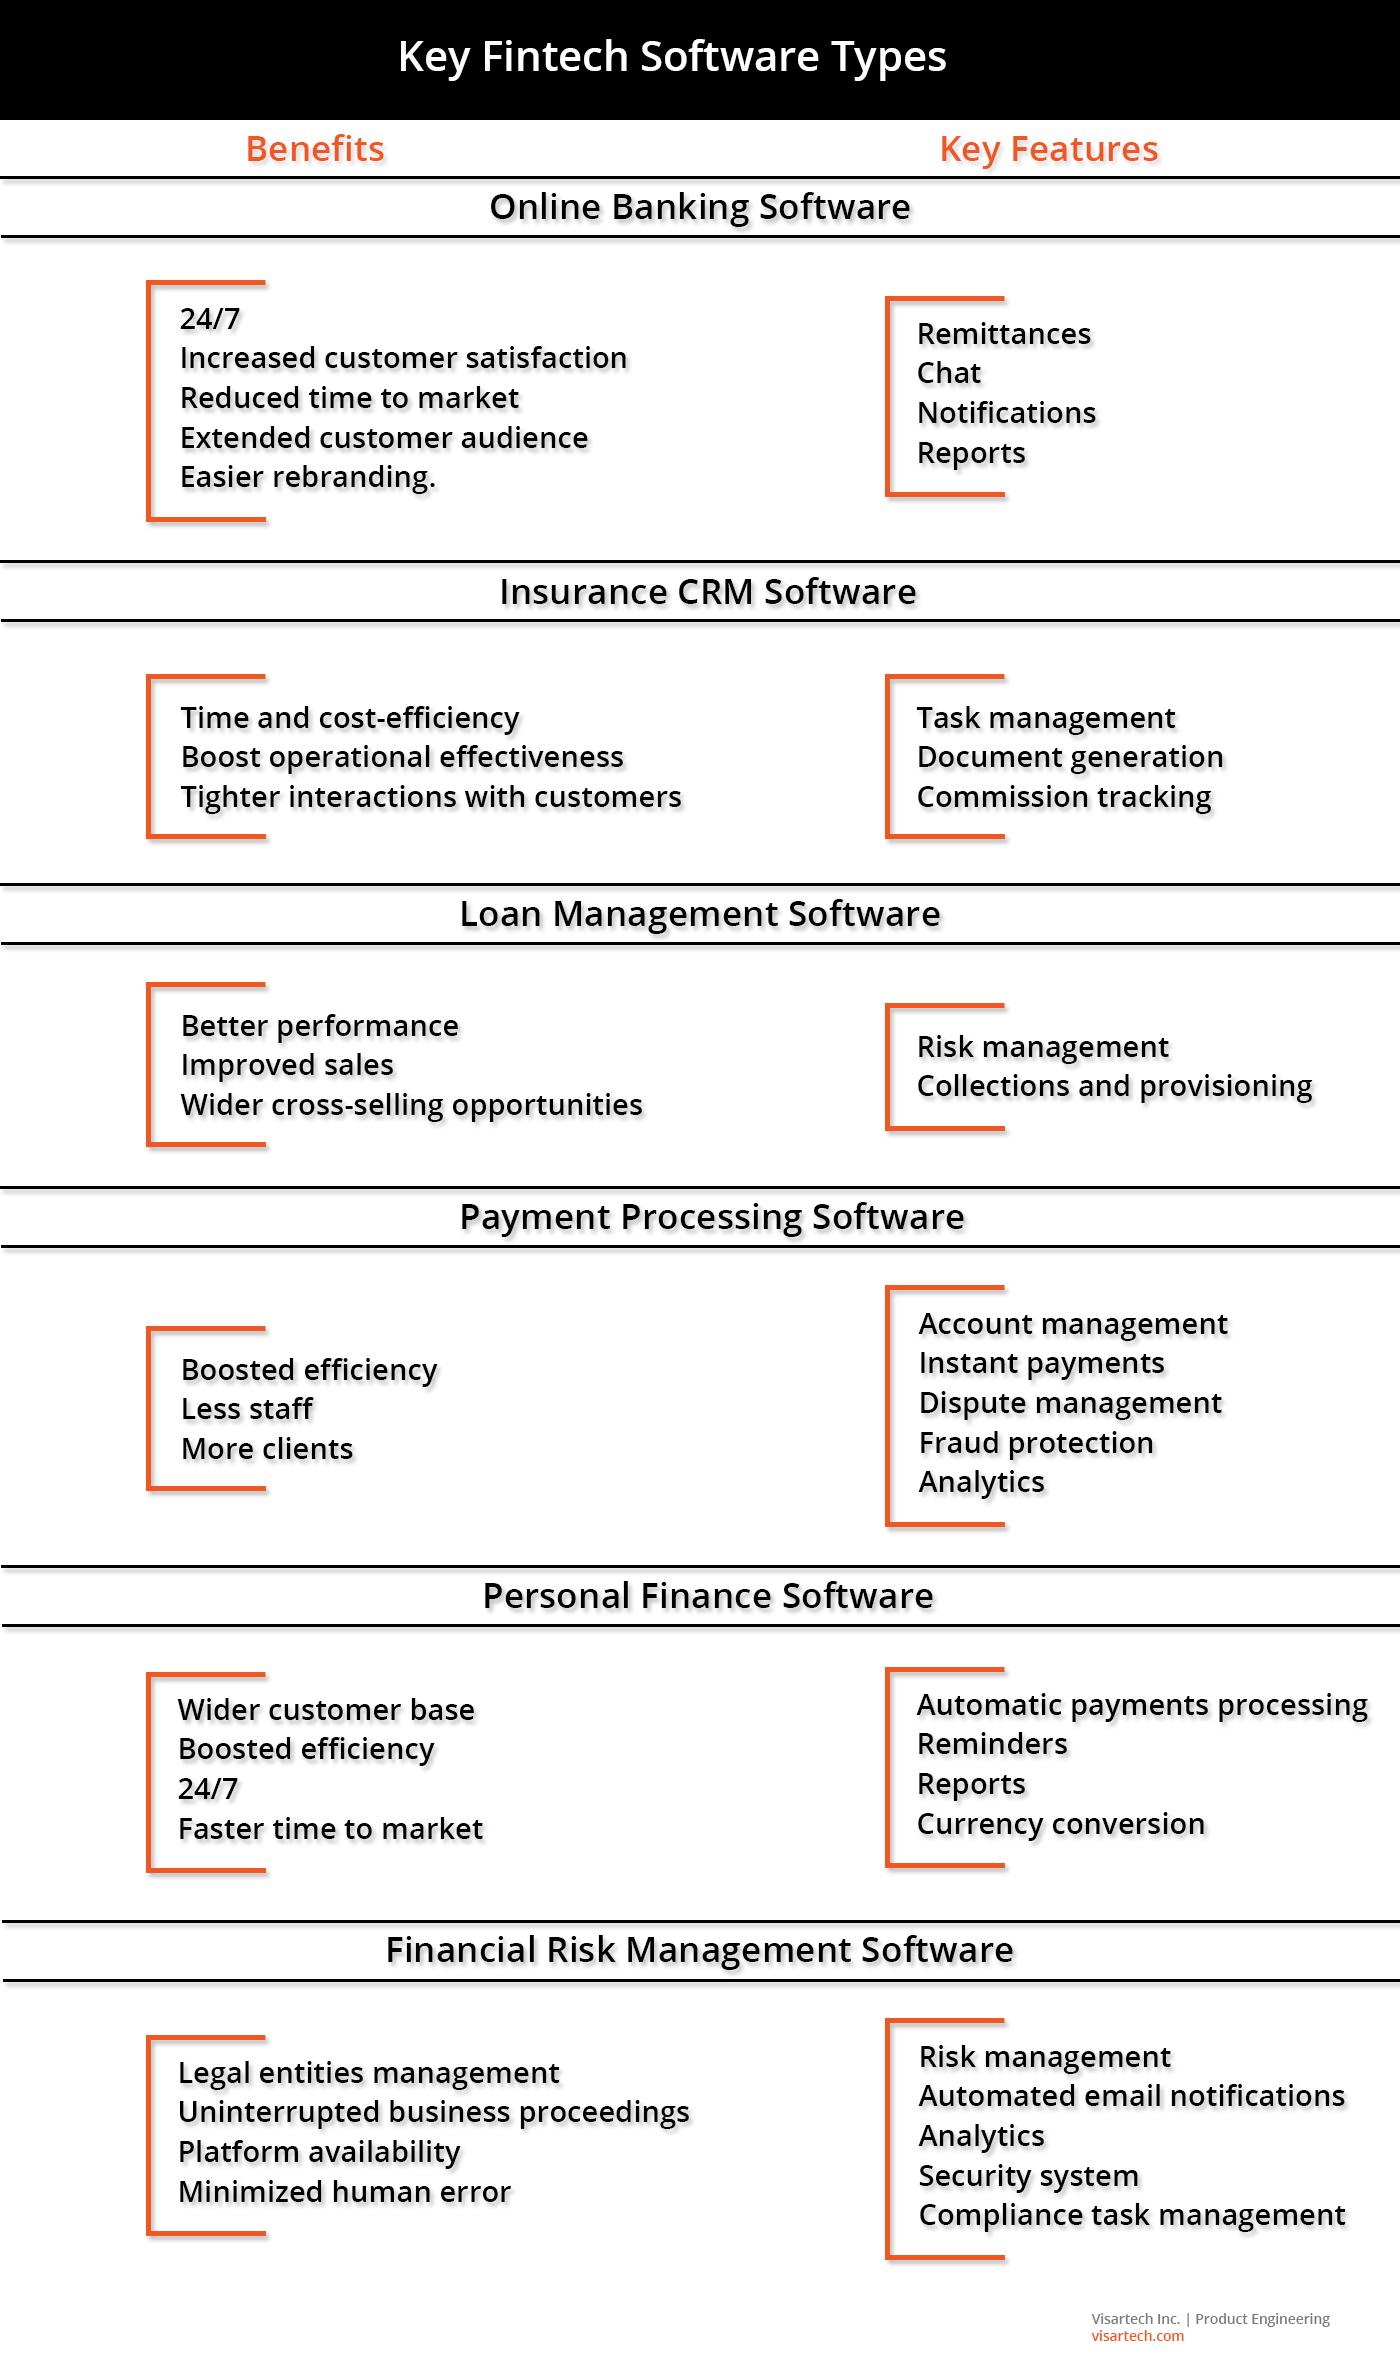 Key Fintech Software Types - Visartech Blog